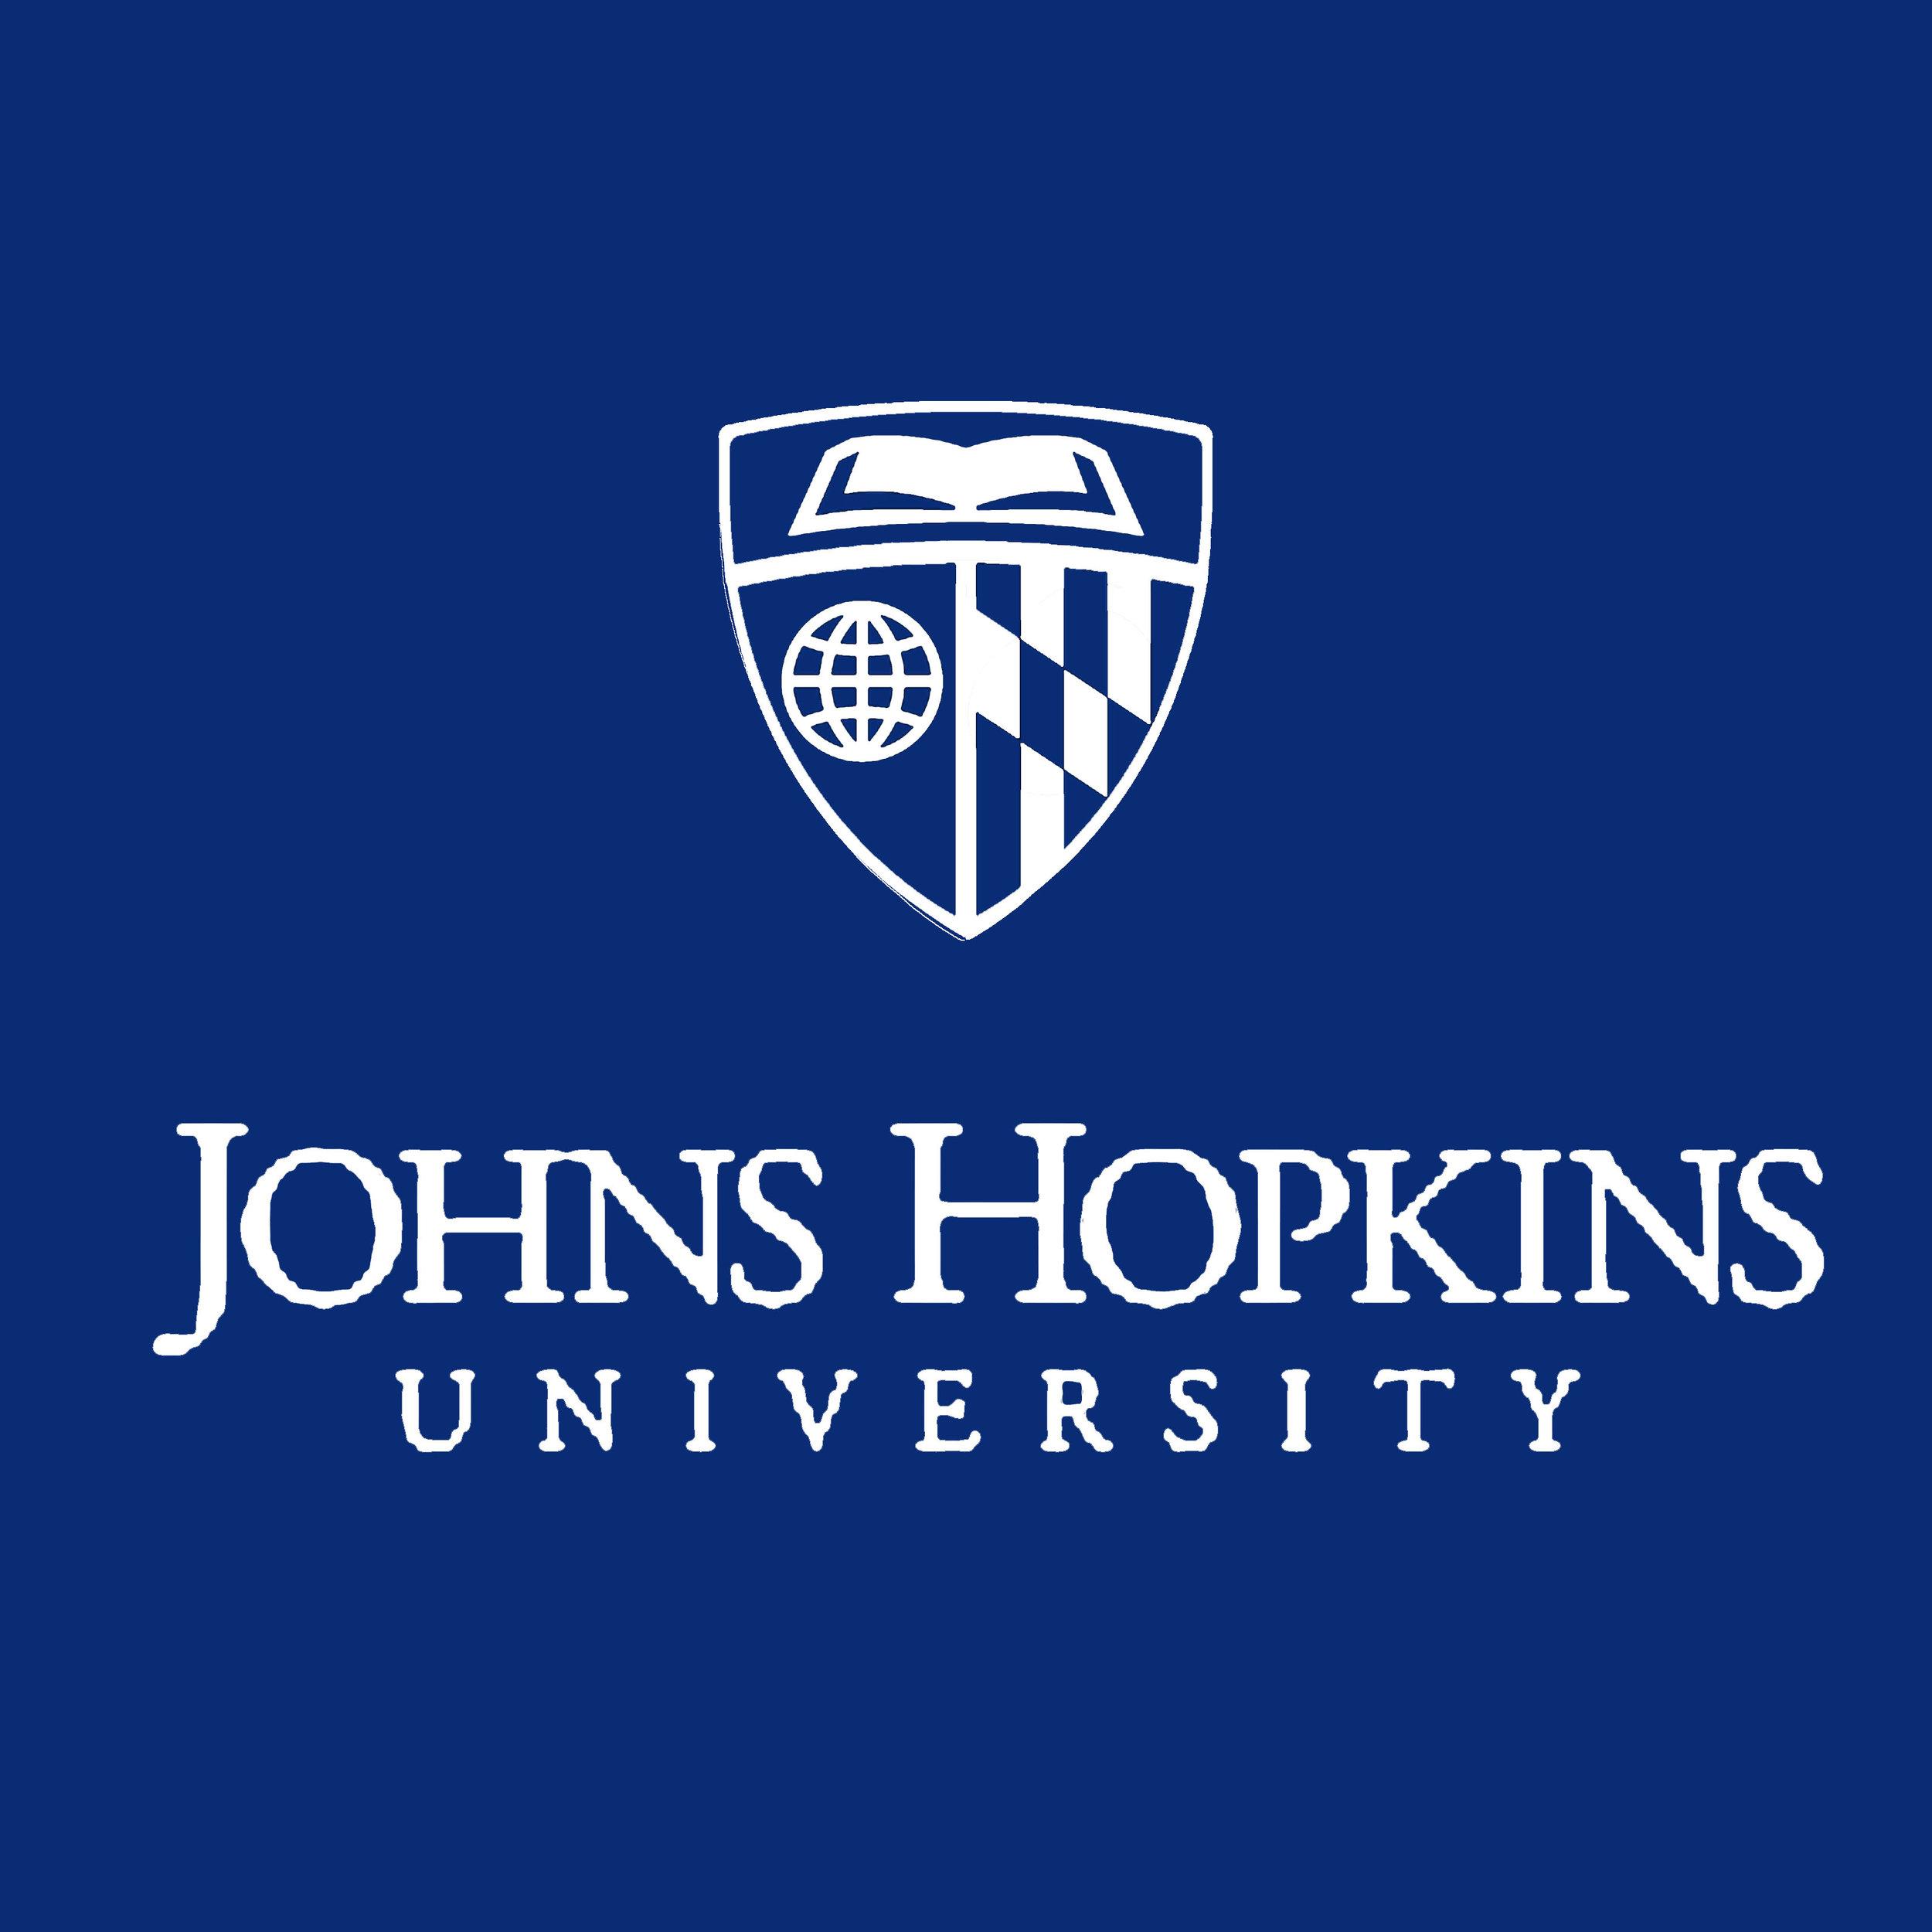 johns hopkins university.jpg